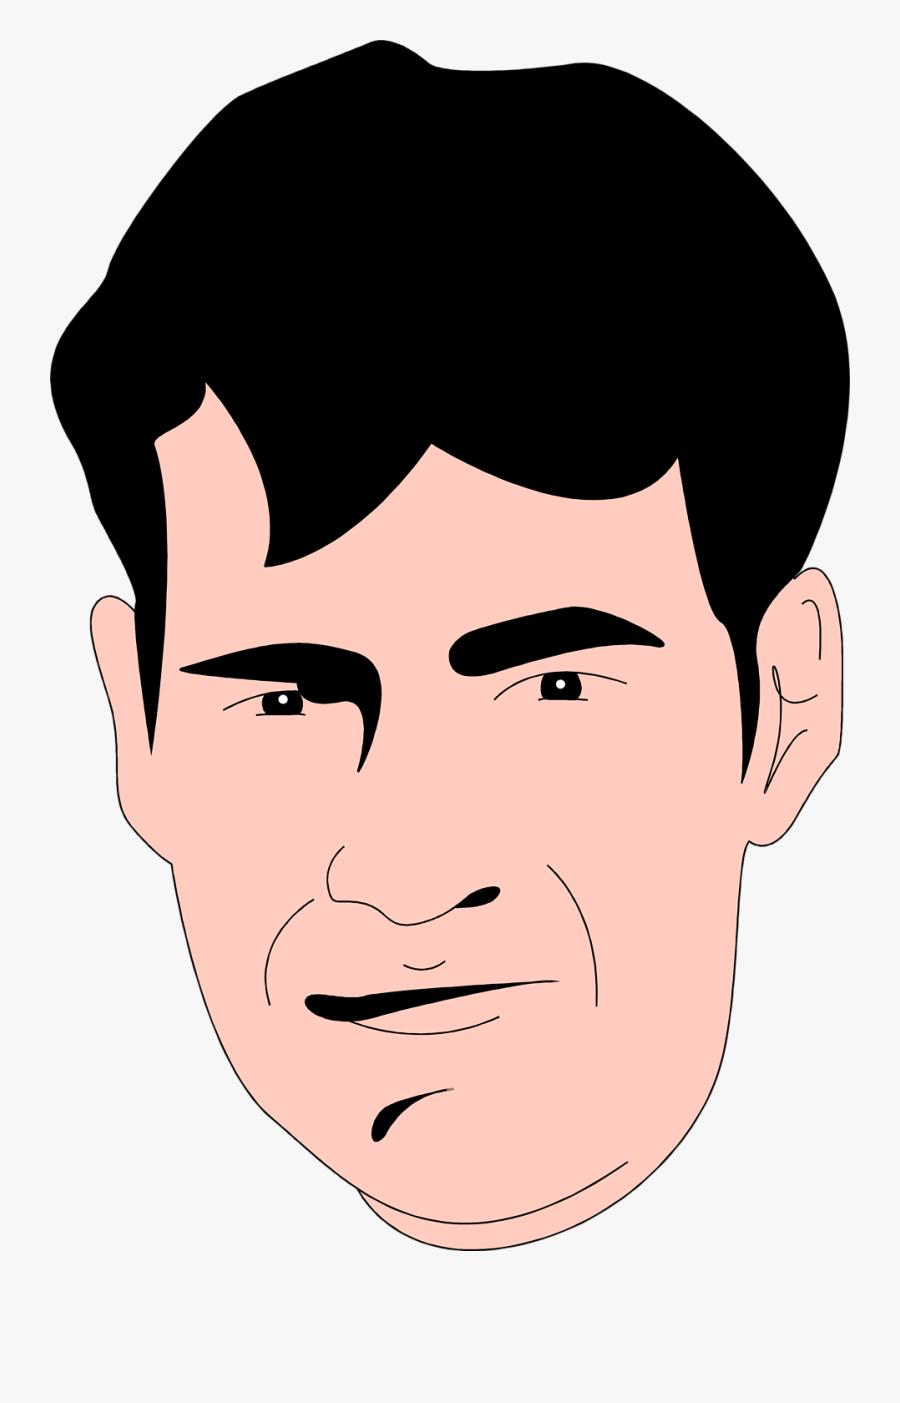 Men Clipart Man Face - Men Face Images Png, Transparent Clipart